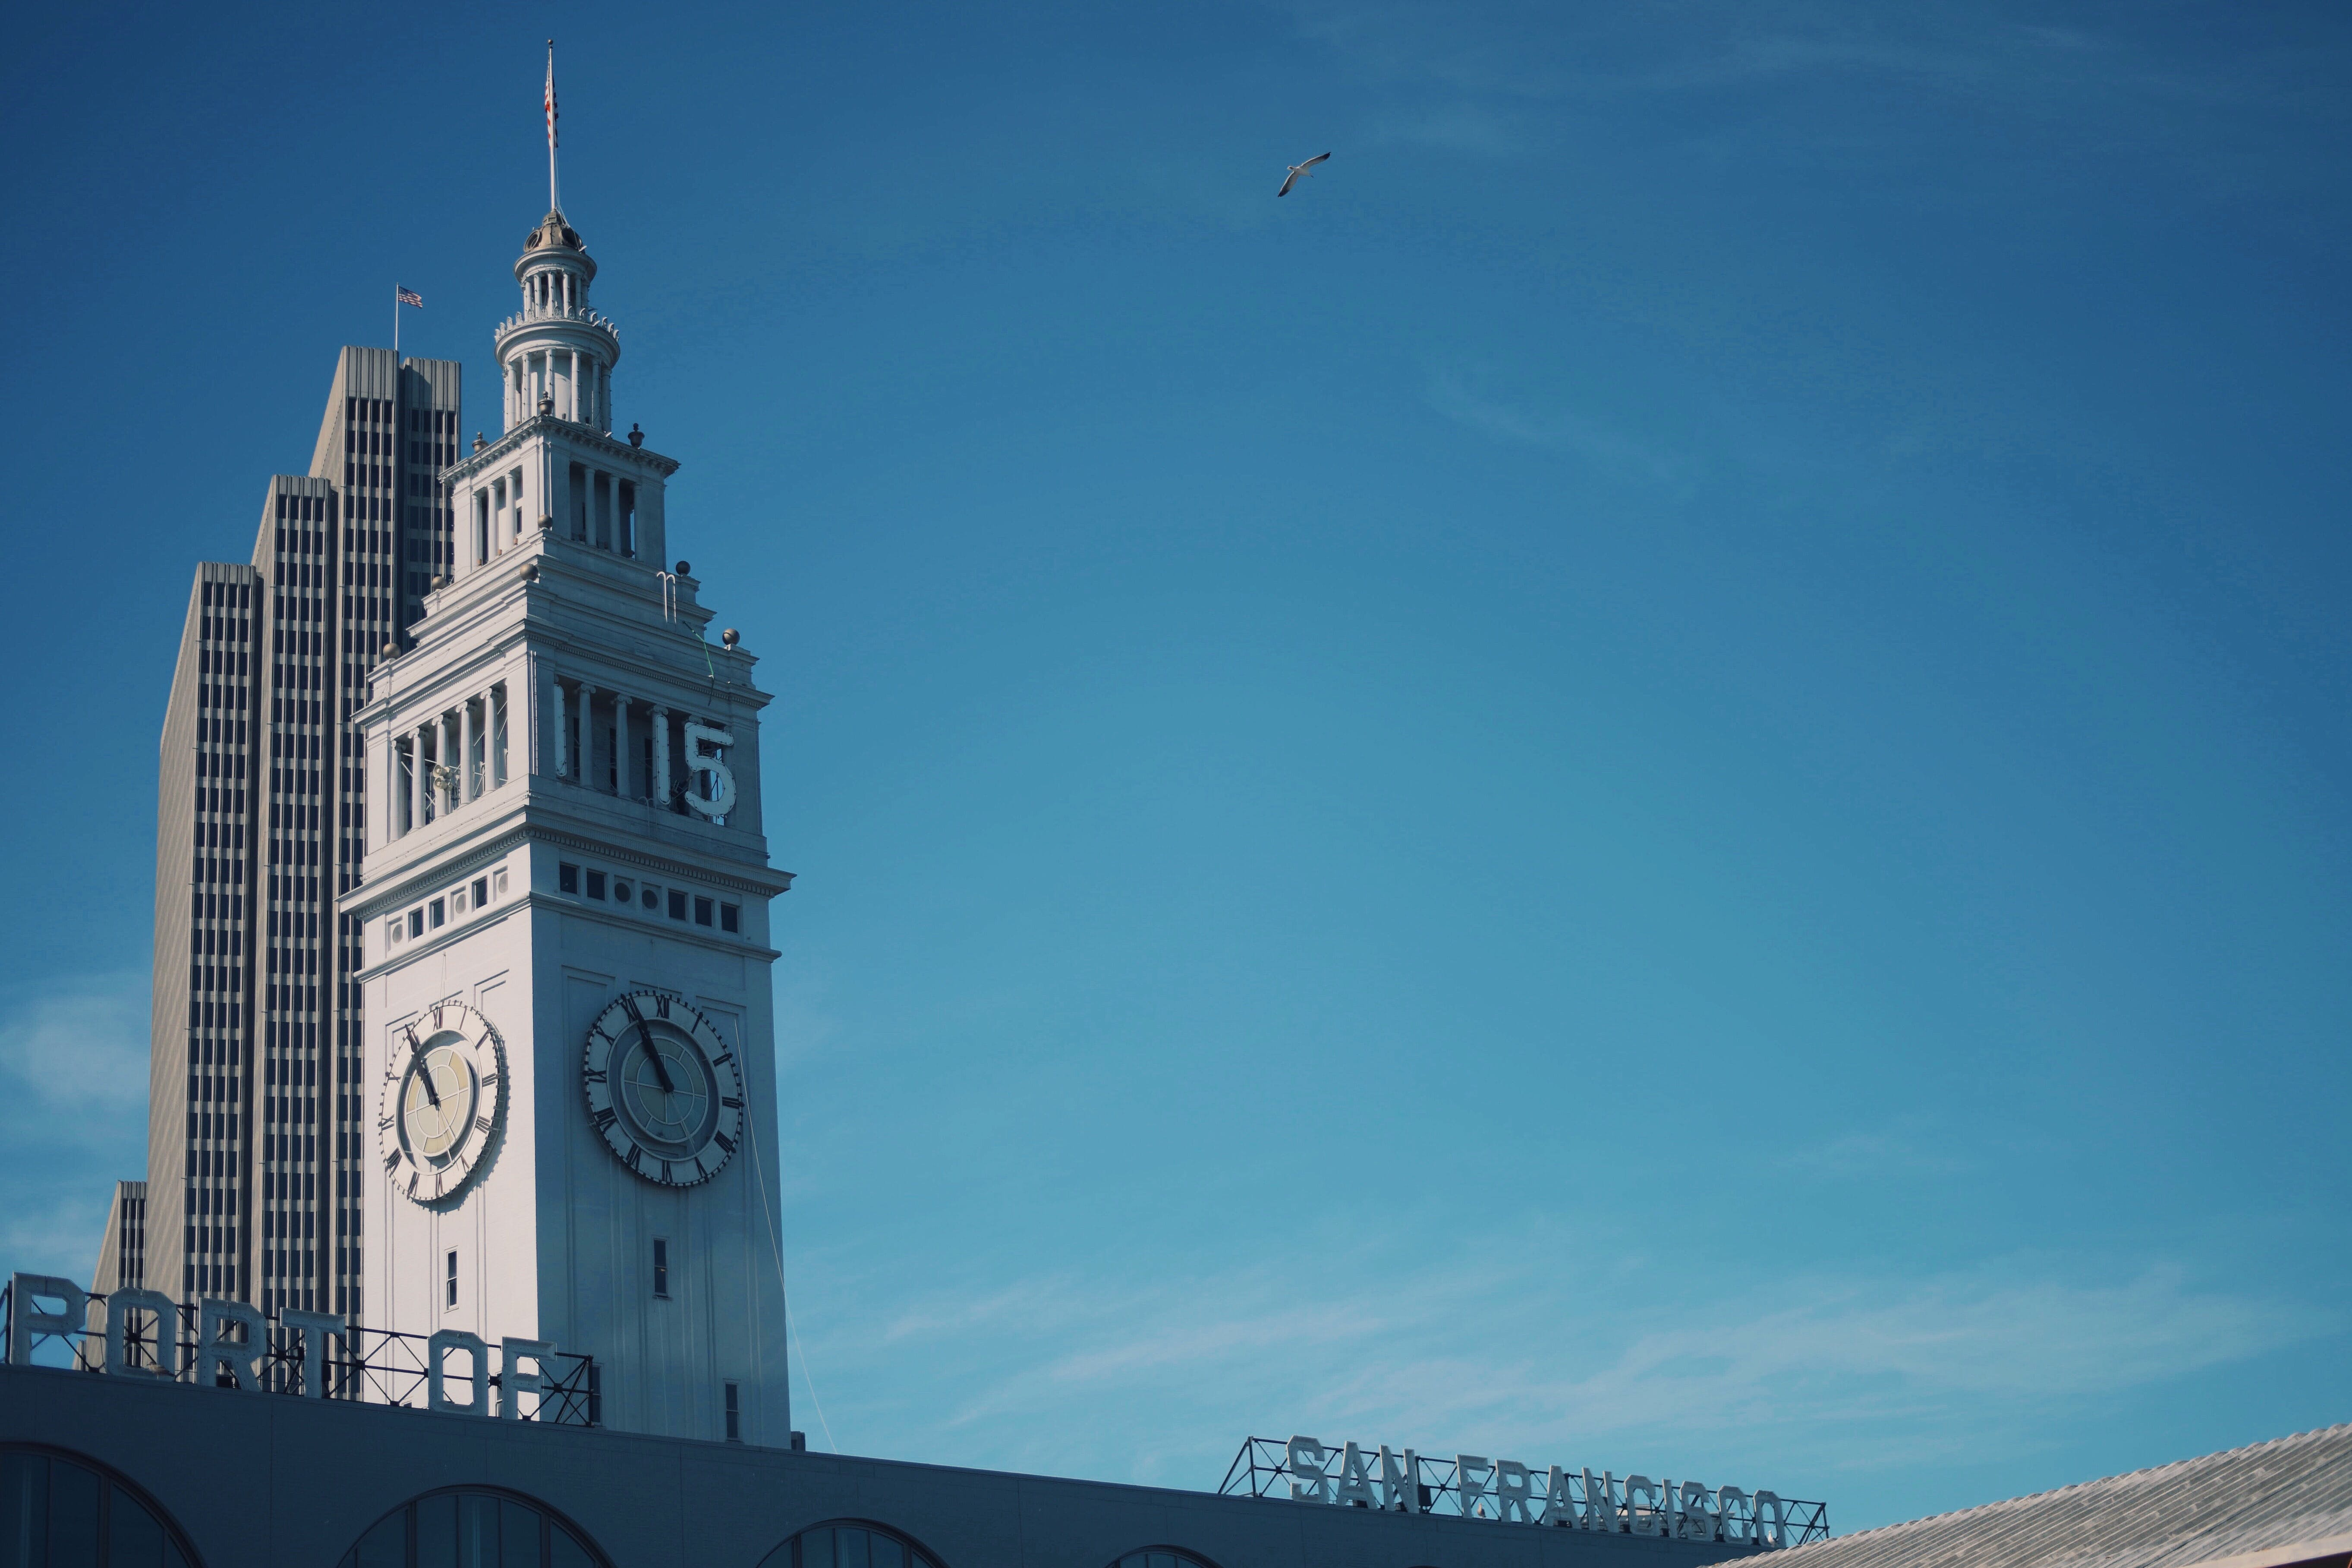 サンフランシスコ, シティ, スカイライン, タワーの無料の写真素材